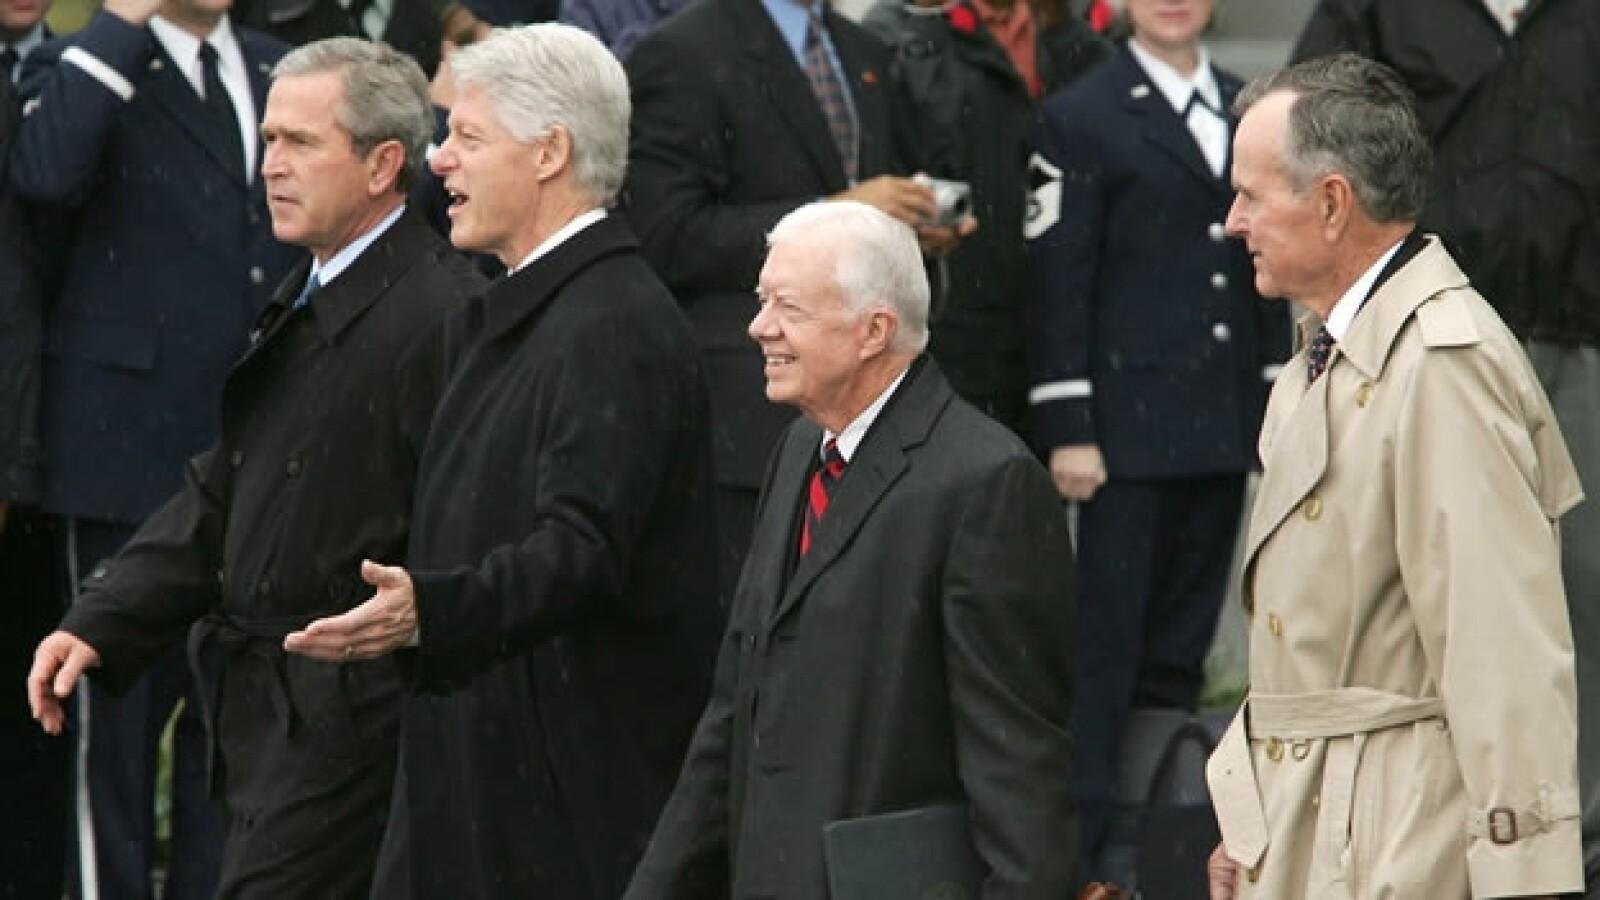 presidentes de EU juntos 3